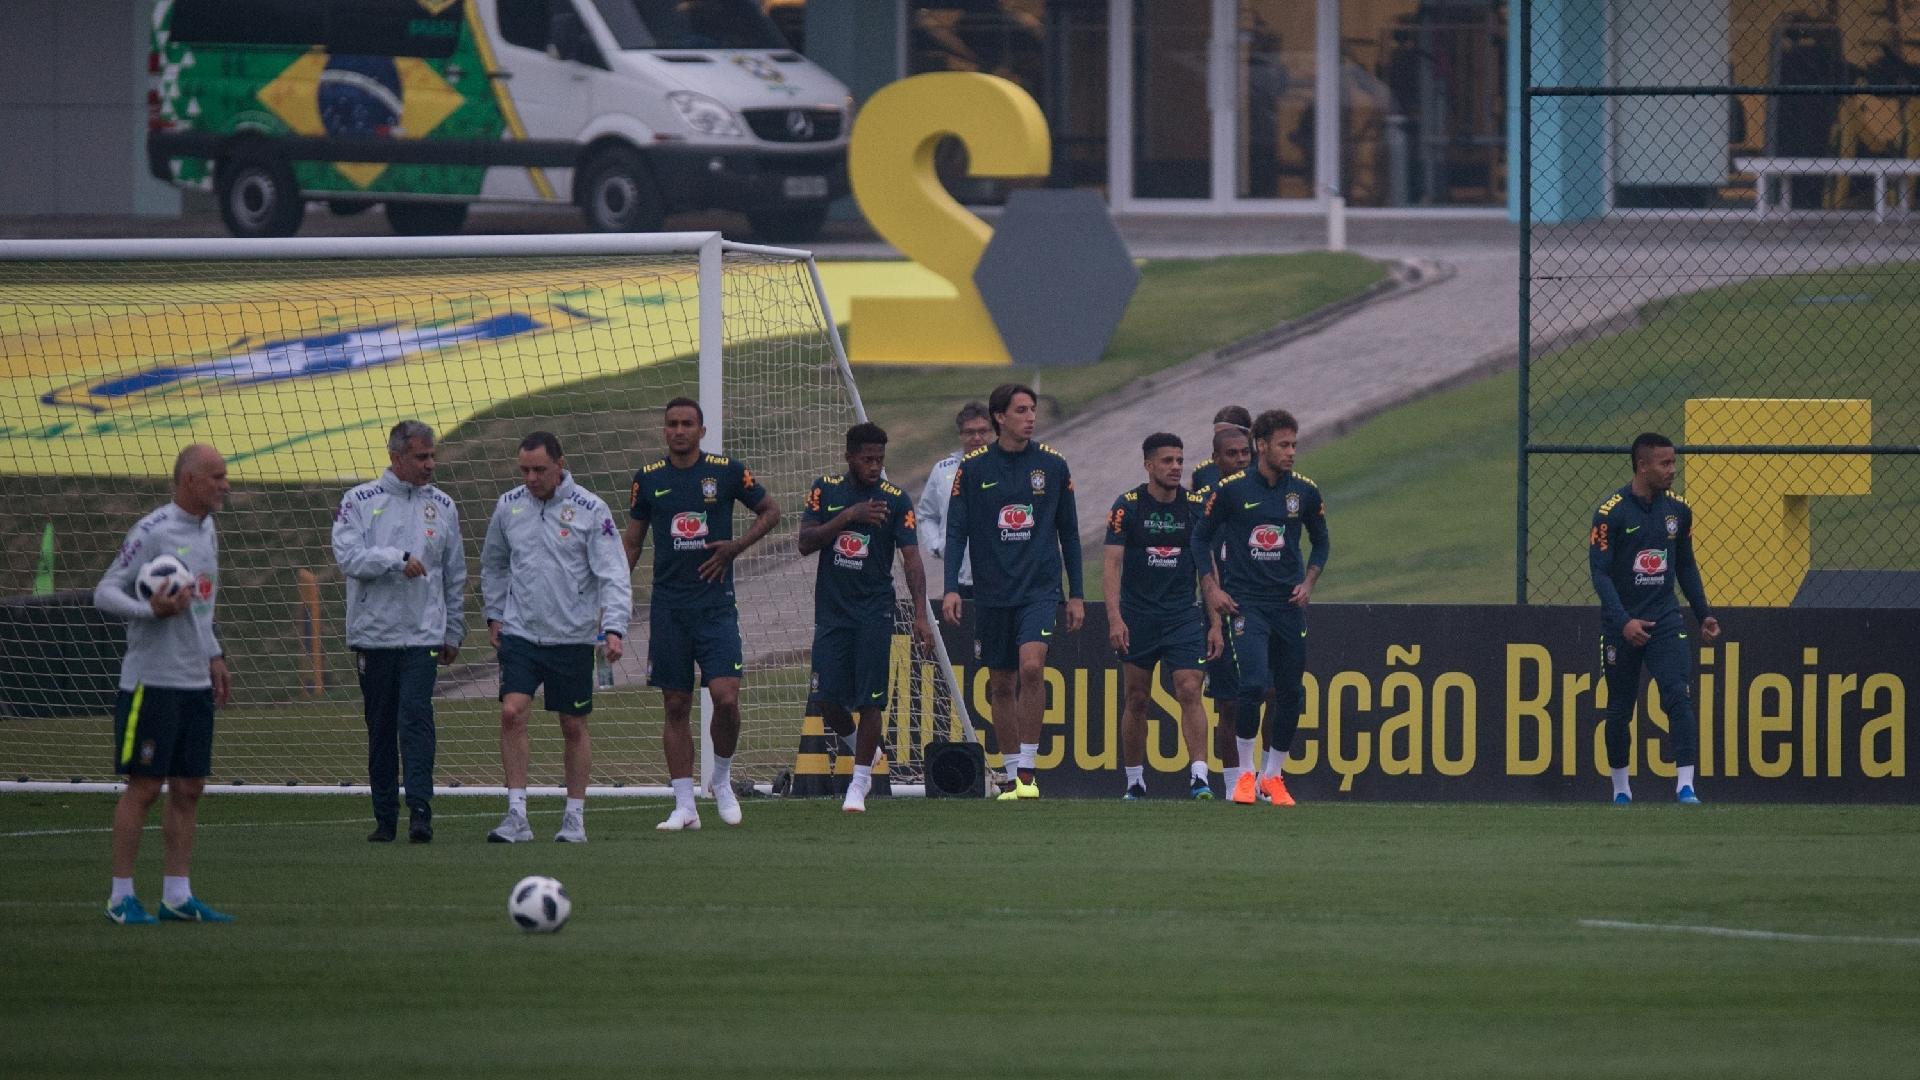 Oito jogadores de linha e três goleiros foram a campo no treino da seleção brasileira na Granja Comary